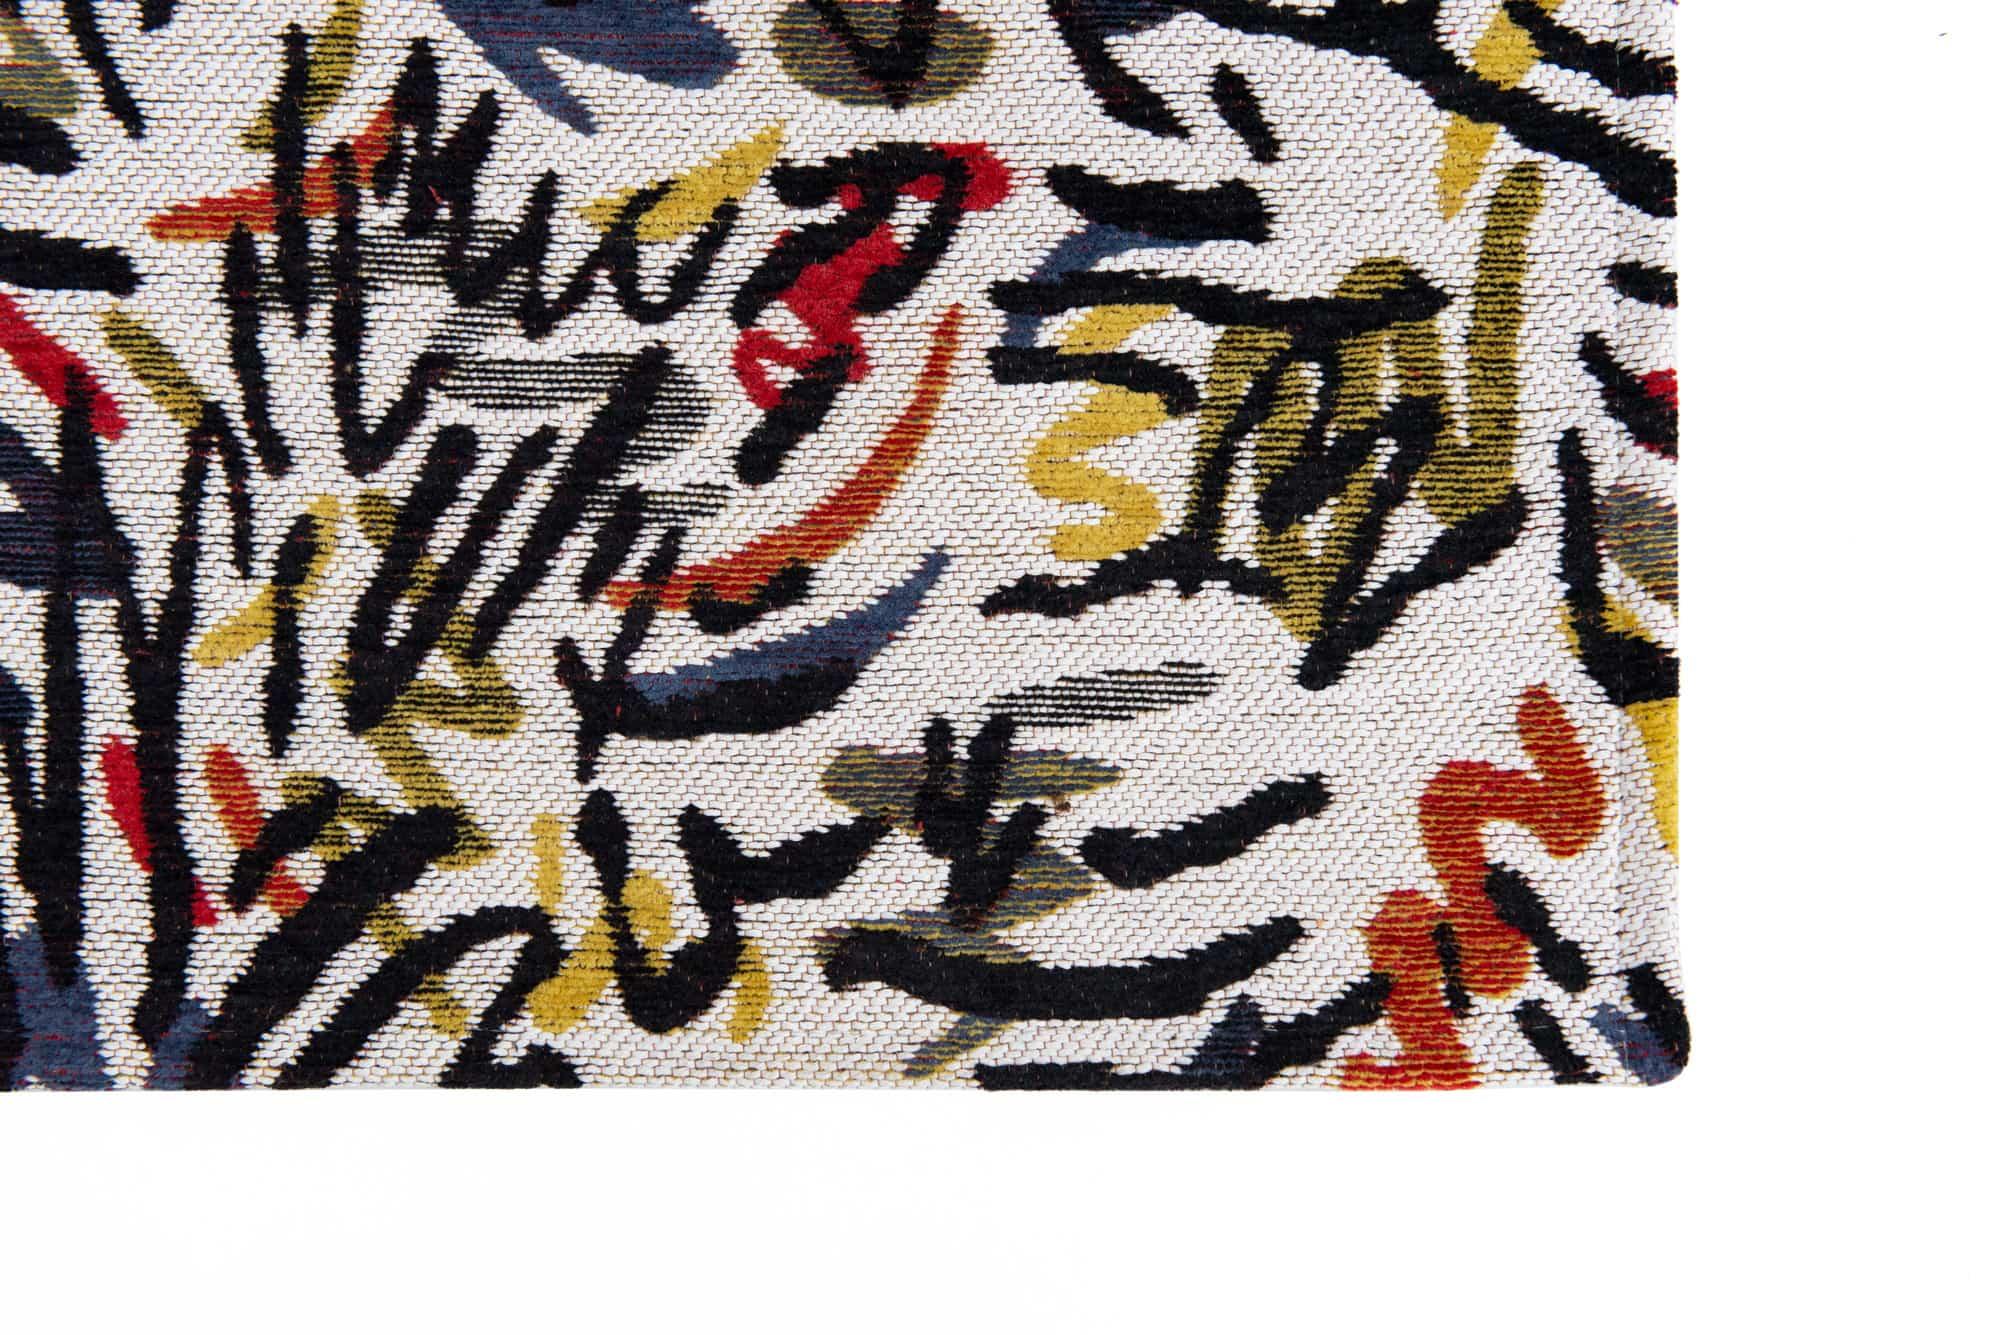 Gallery Graffito